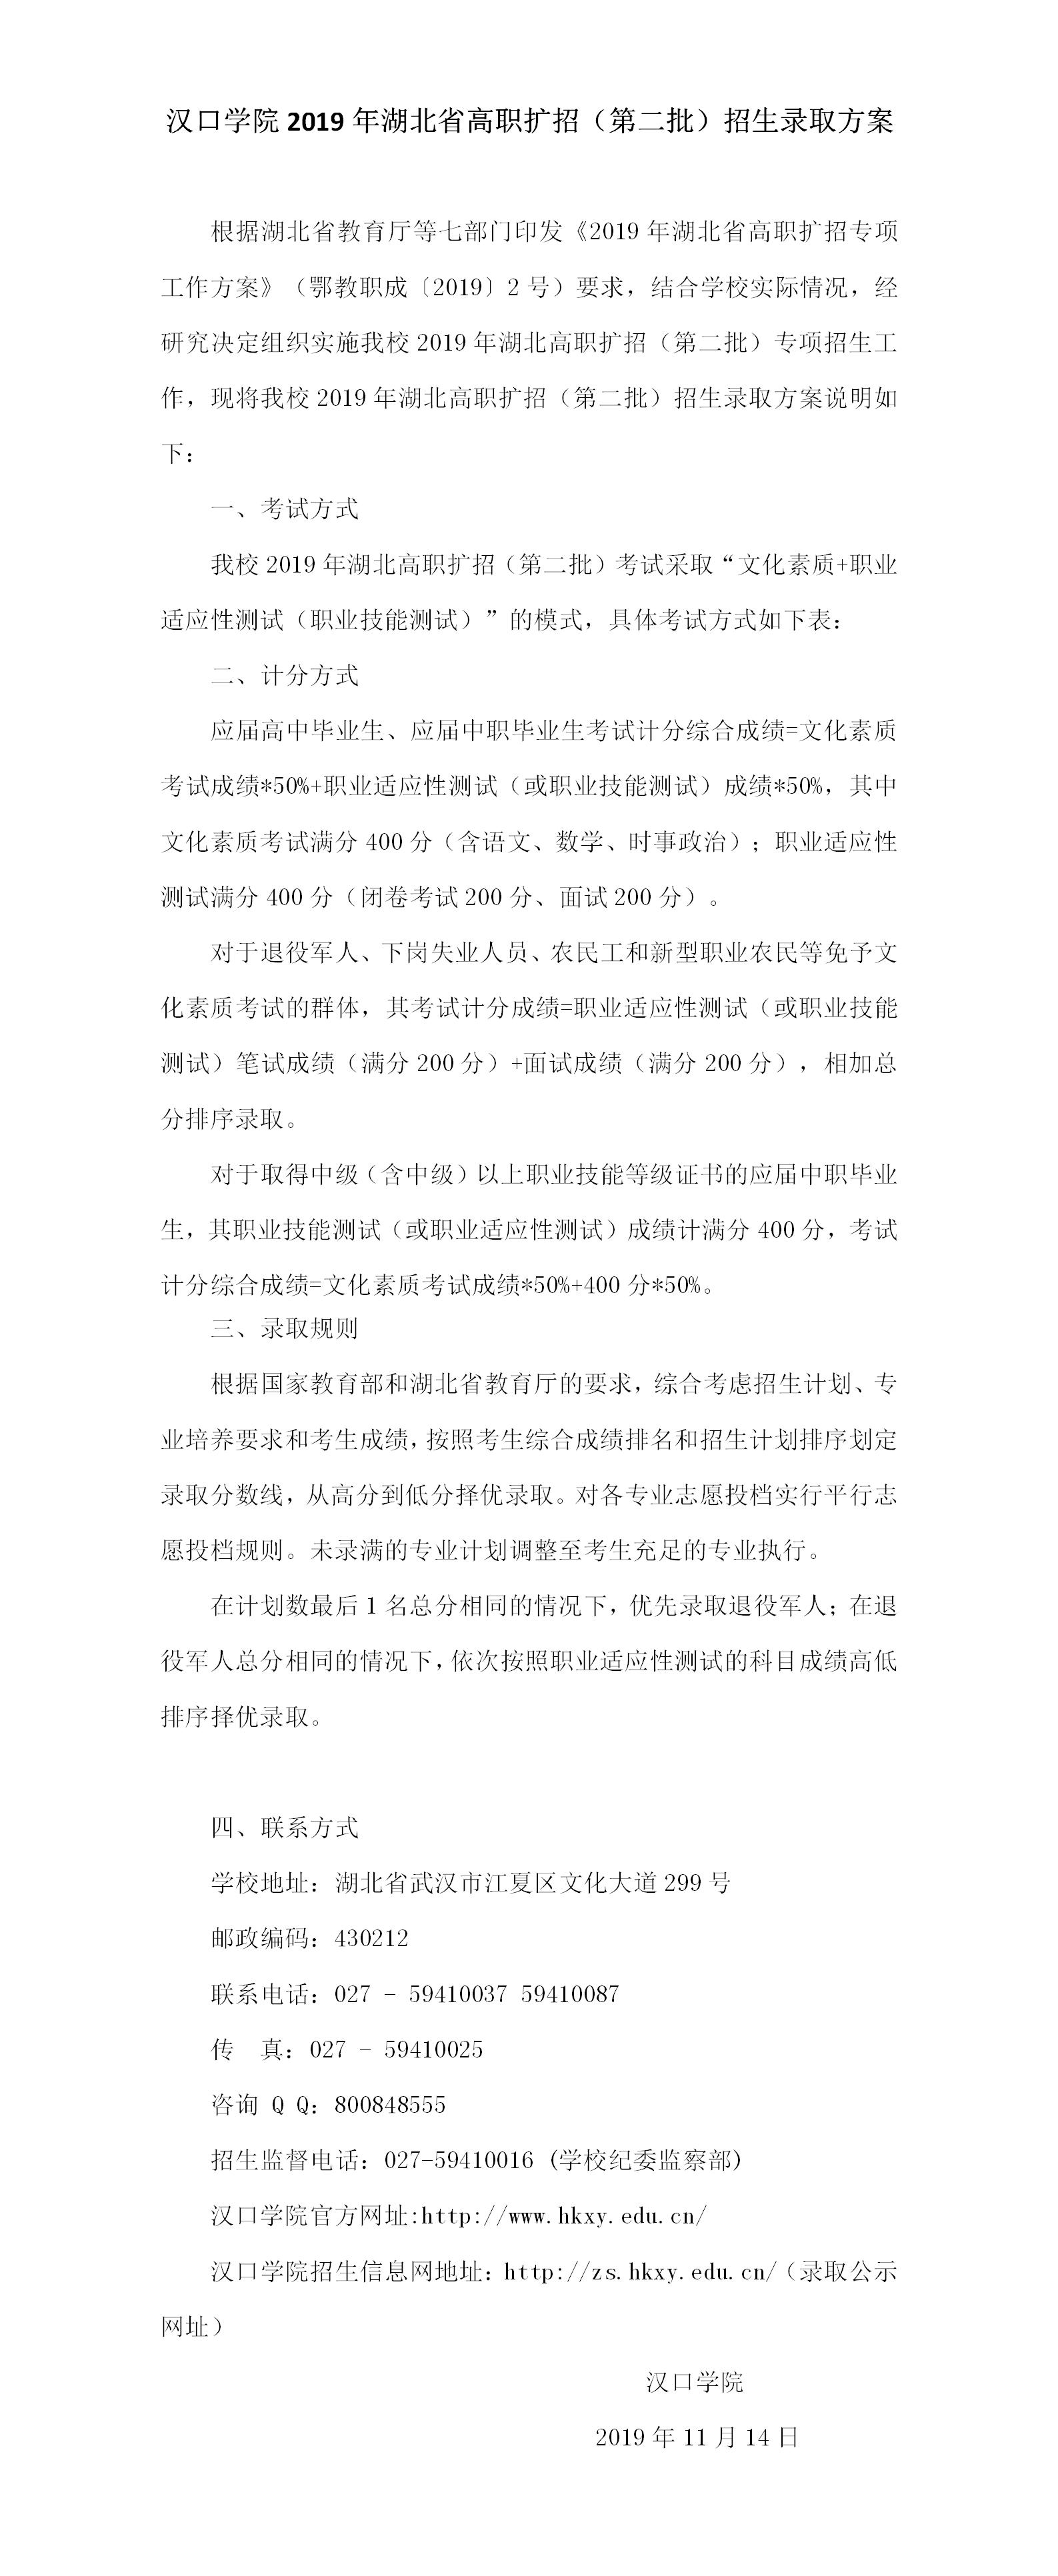 汉口学院2019年 湖北高职扩招(第二批)招生录取方案.png